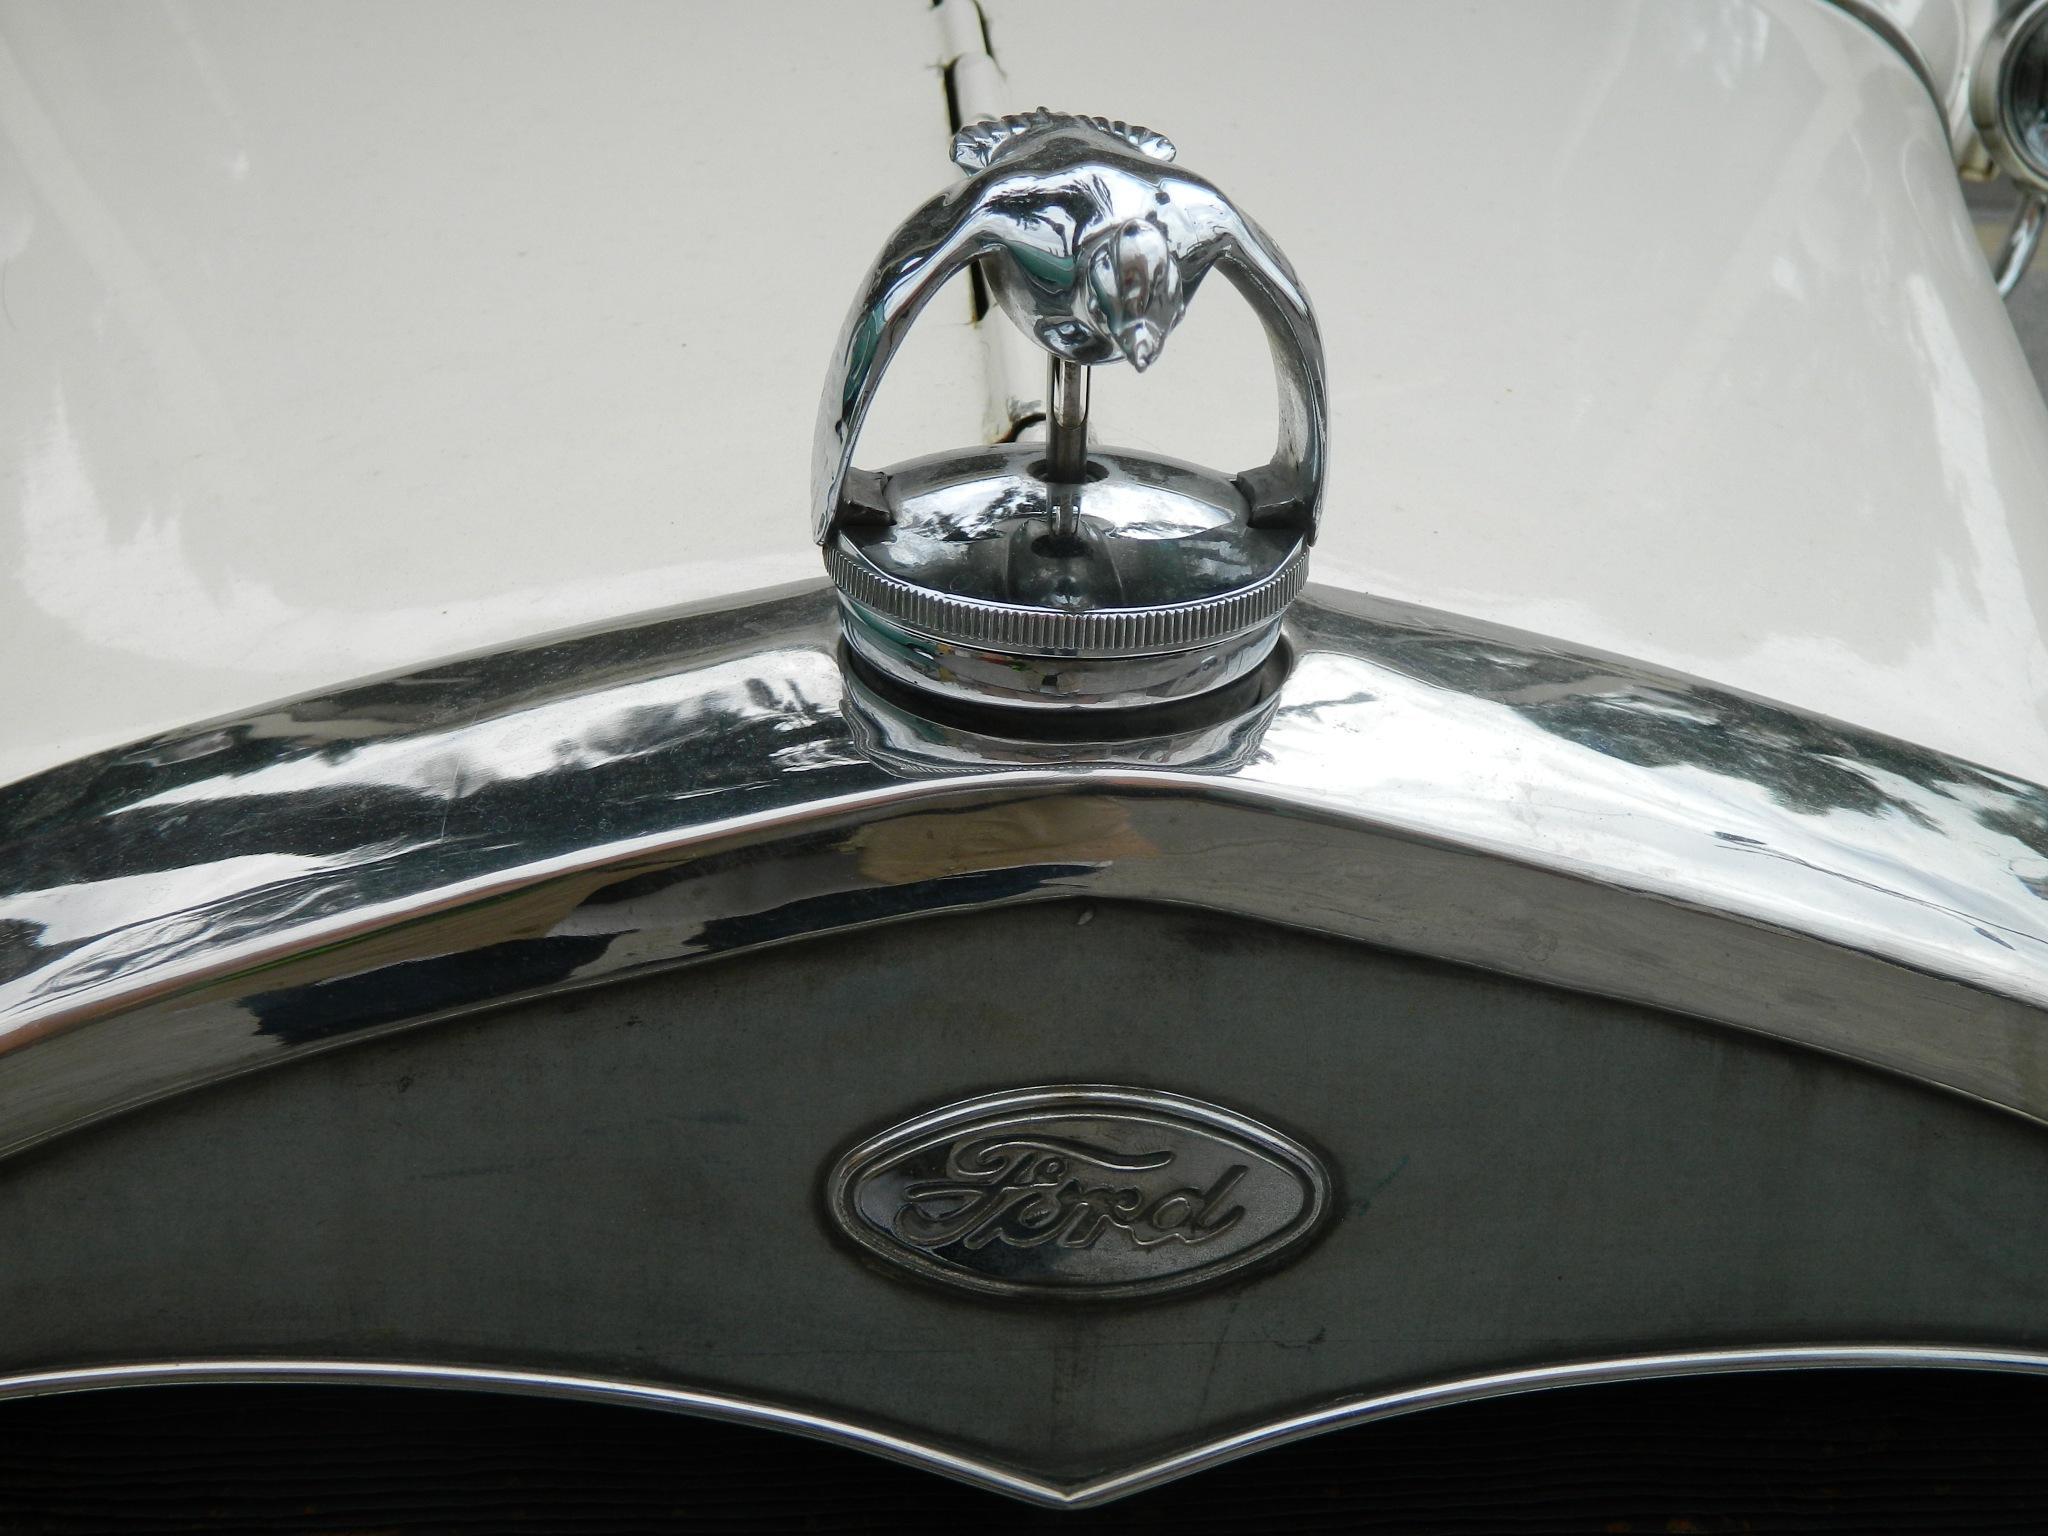 Ford. by Emilio Gonzalez